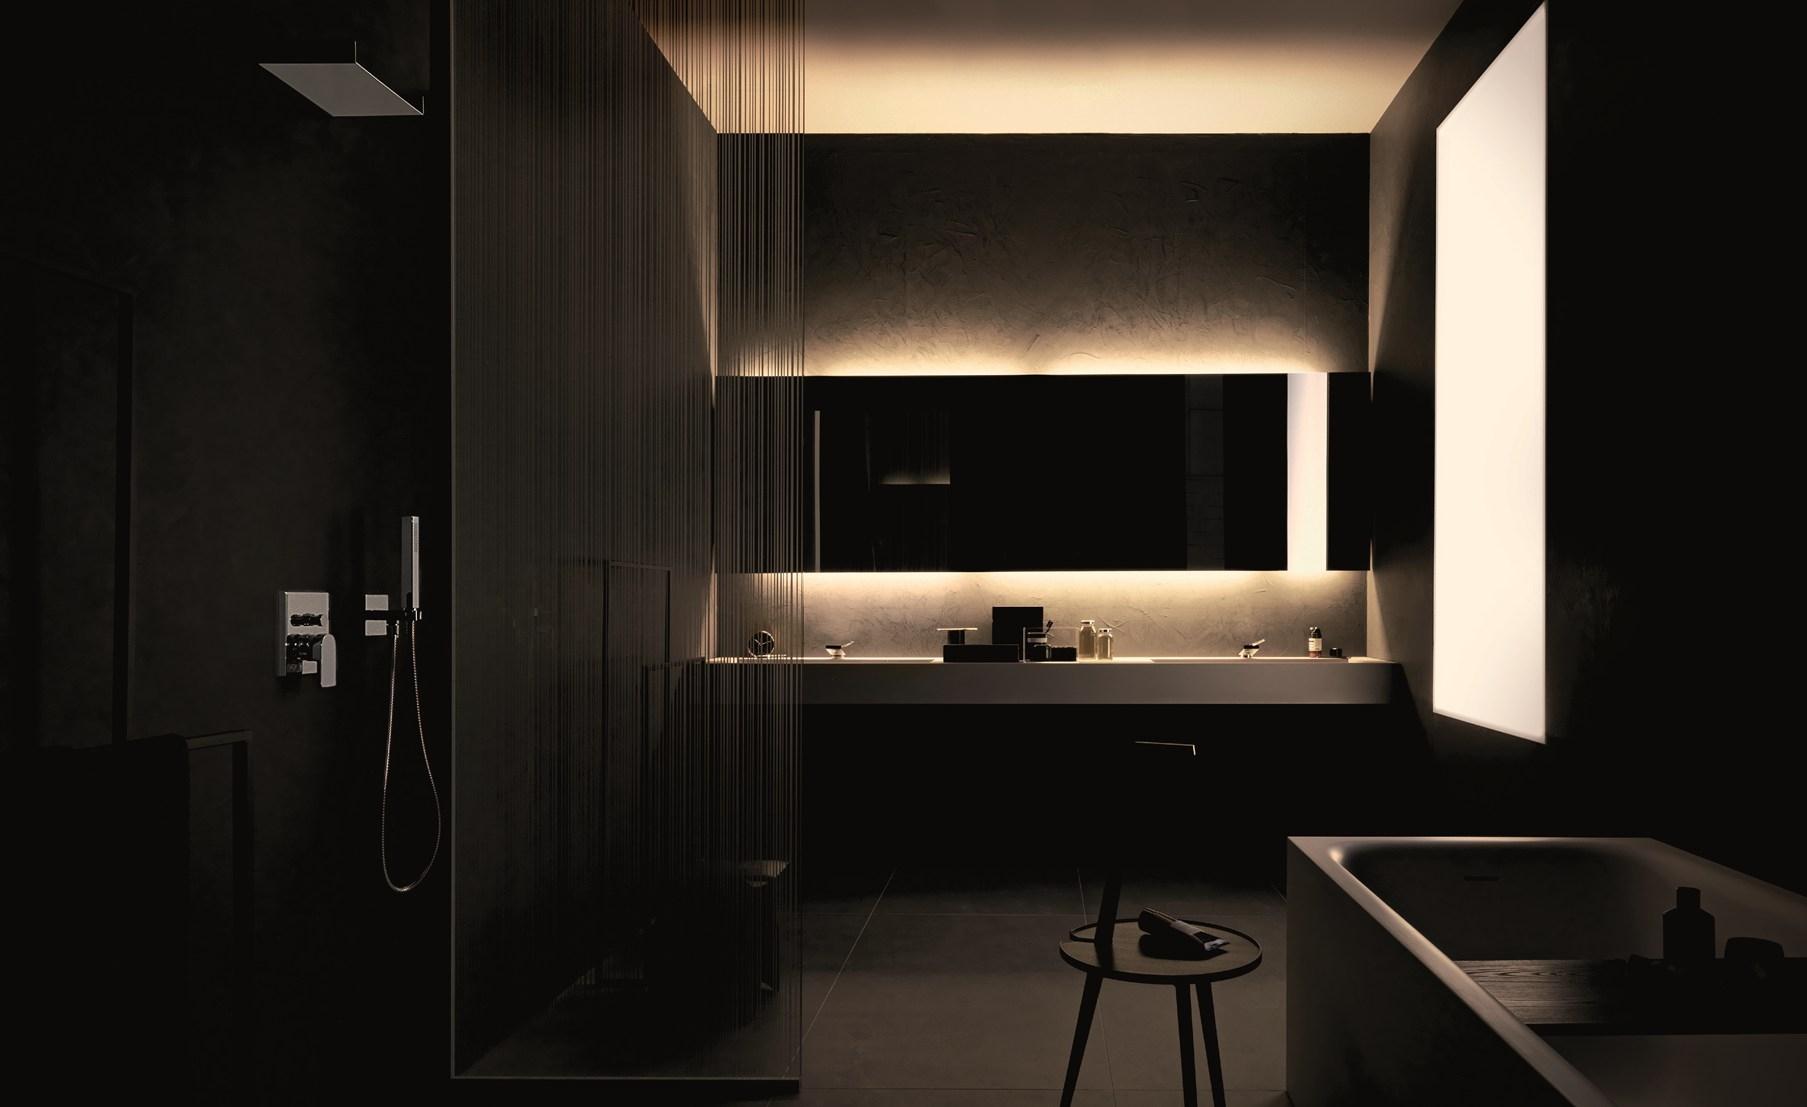 Ideas, zucchetti wall mounted faucets zucchetti wall mounted faucets him wall mount faucet ambient 1807 x 1107  .